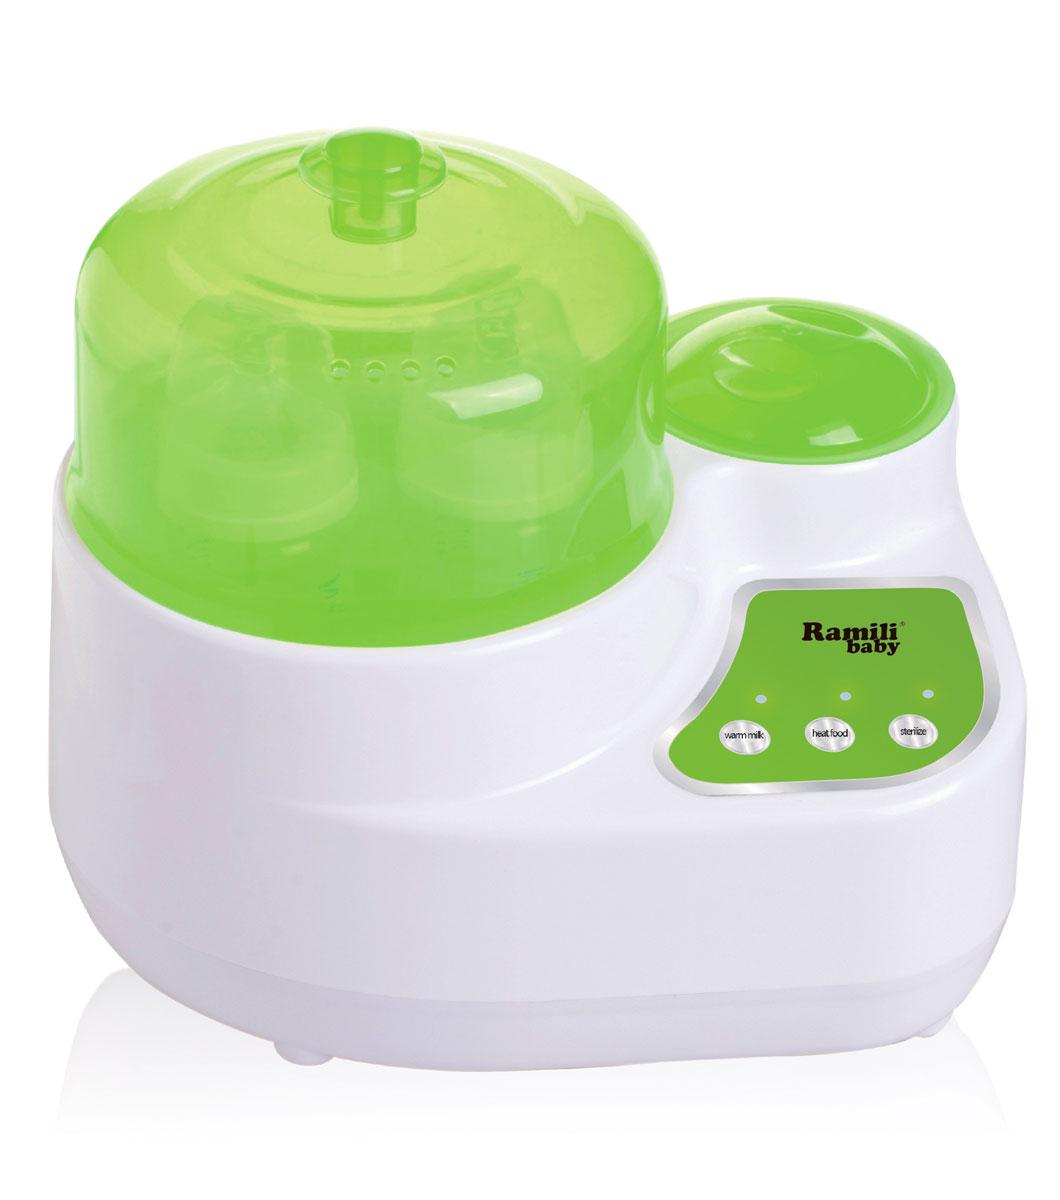 Ramili Стерилизатор-подогреватель бутылочек и детского питания BSS250 3 в 1 универсальный